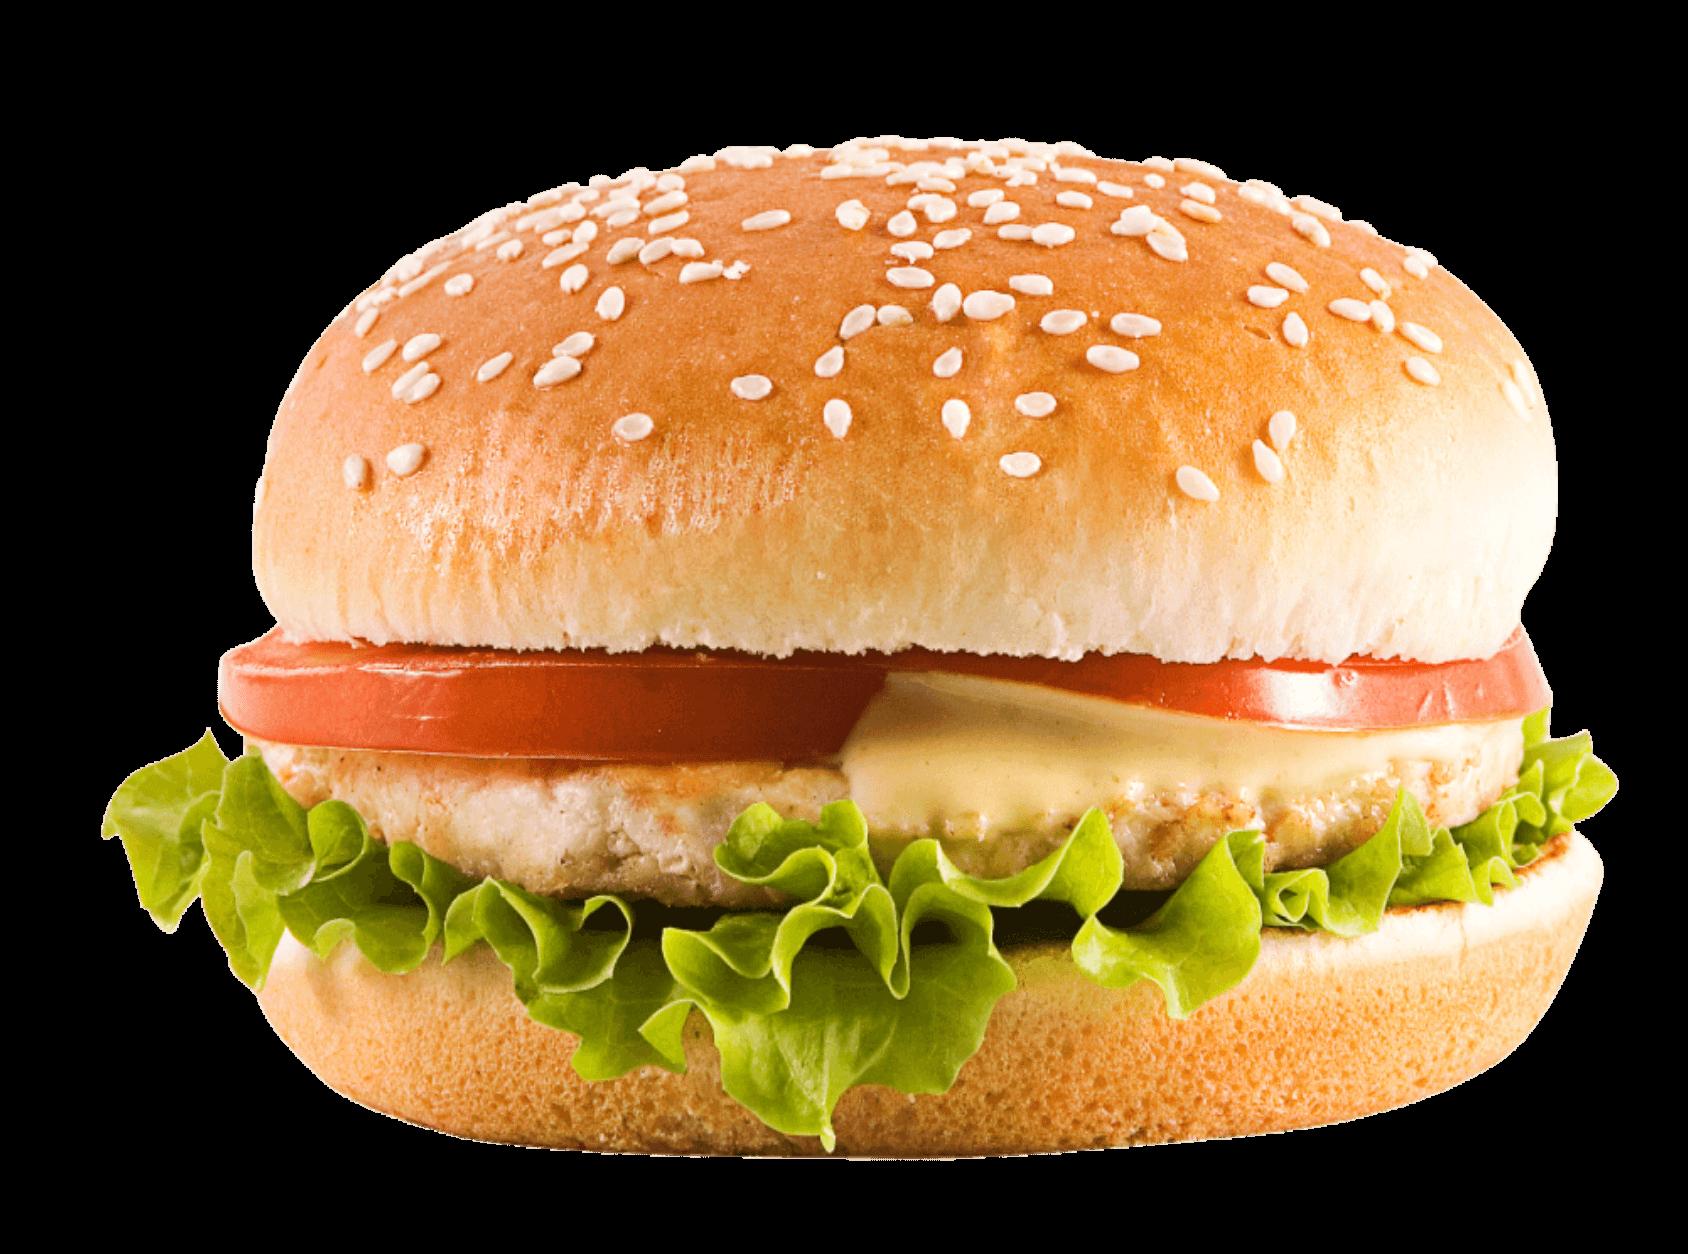 Sandwich PNG HD - 146370